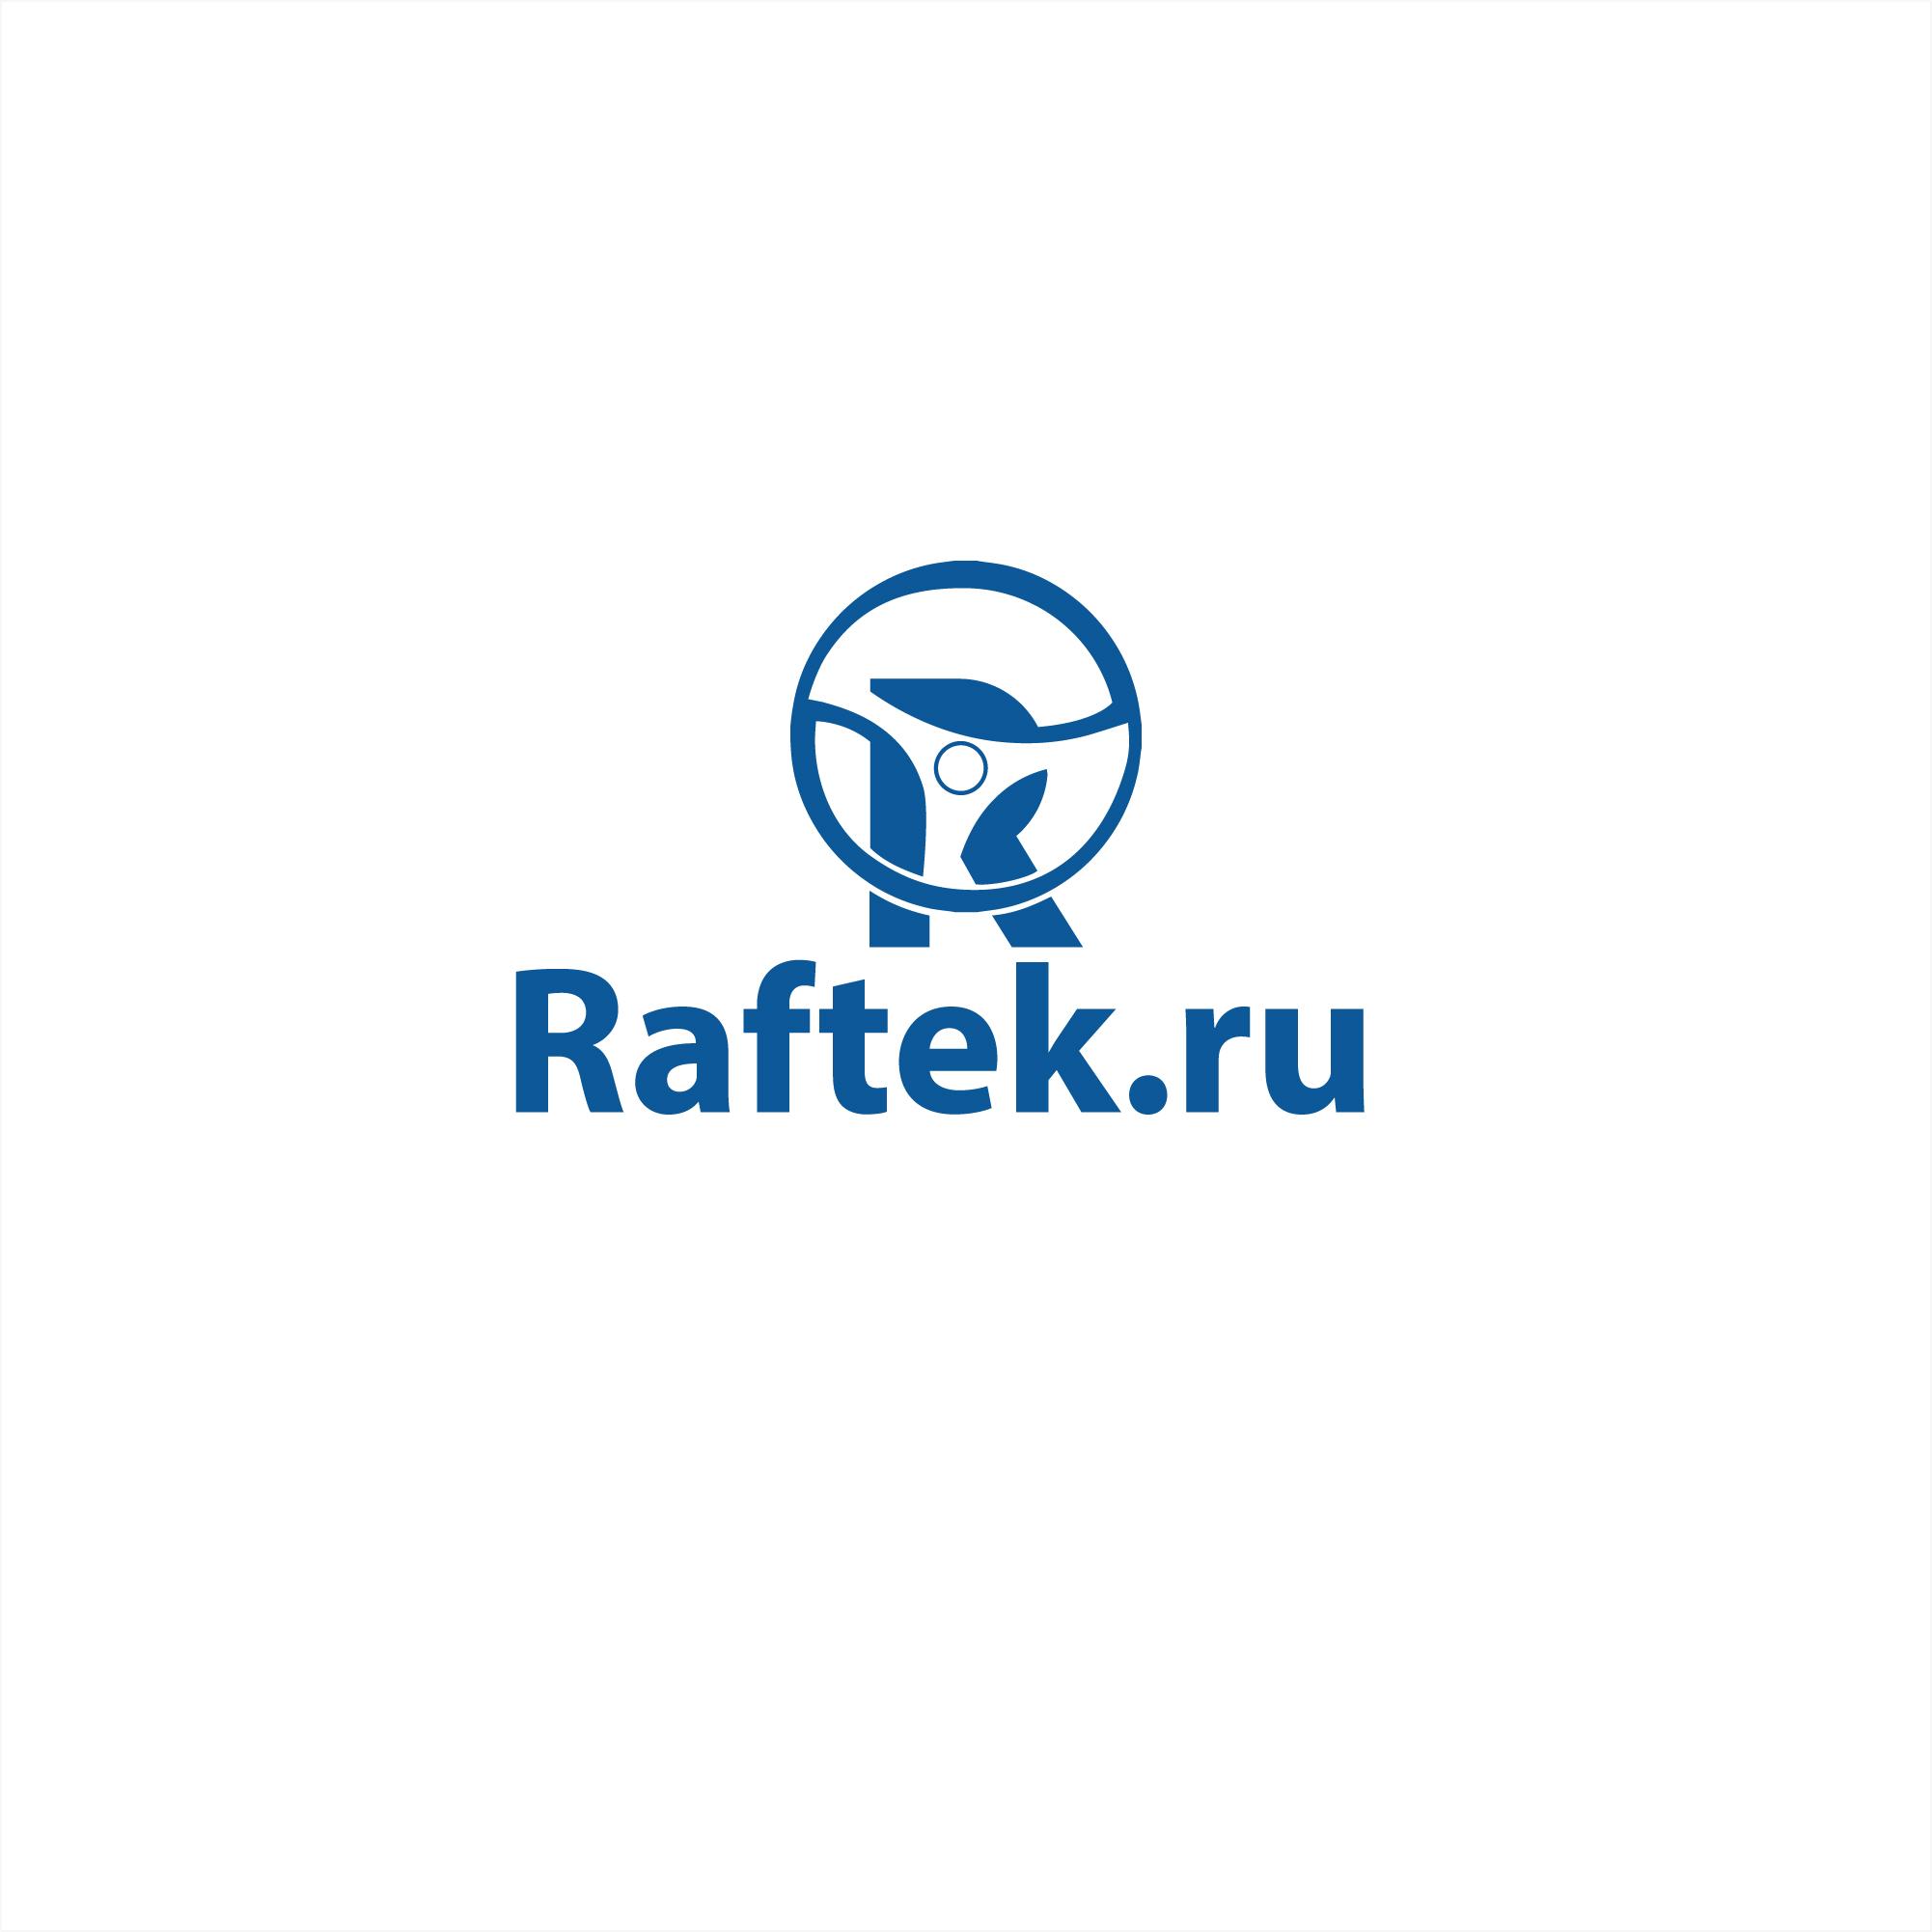 Raftek.ru